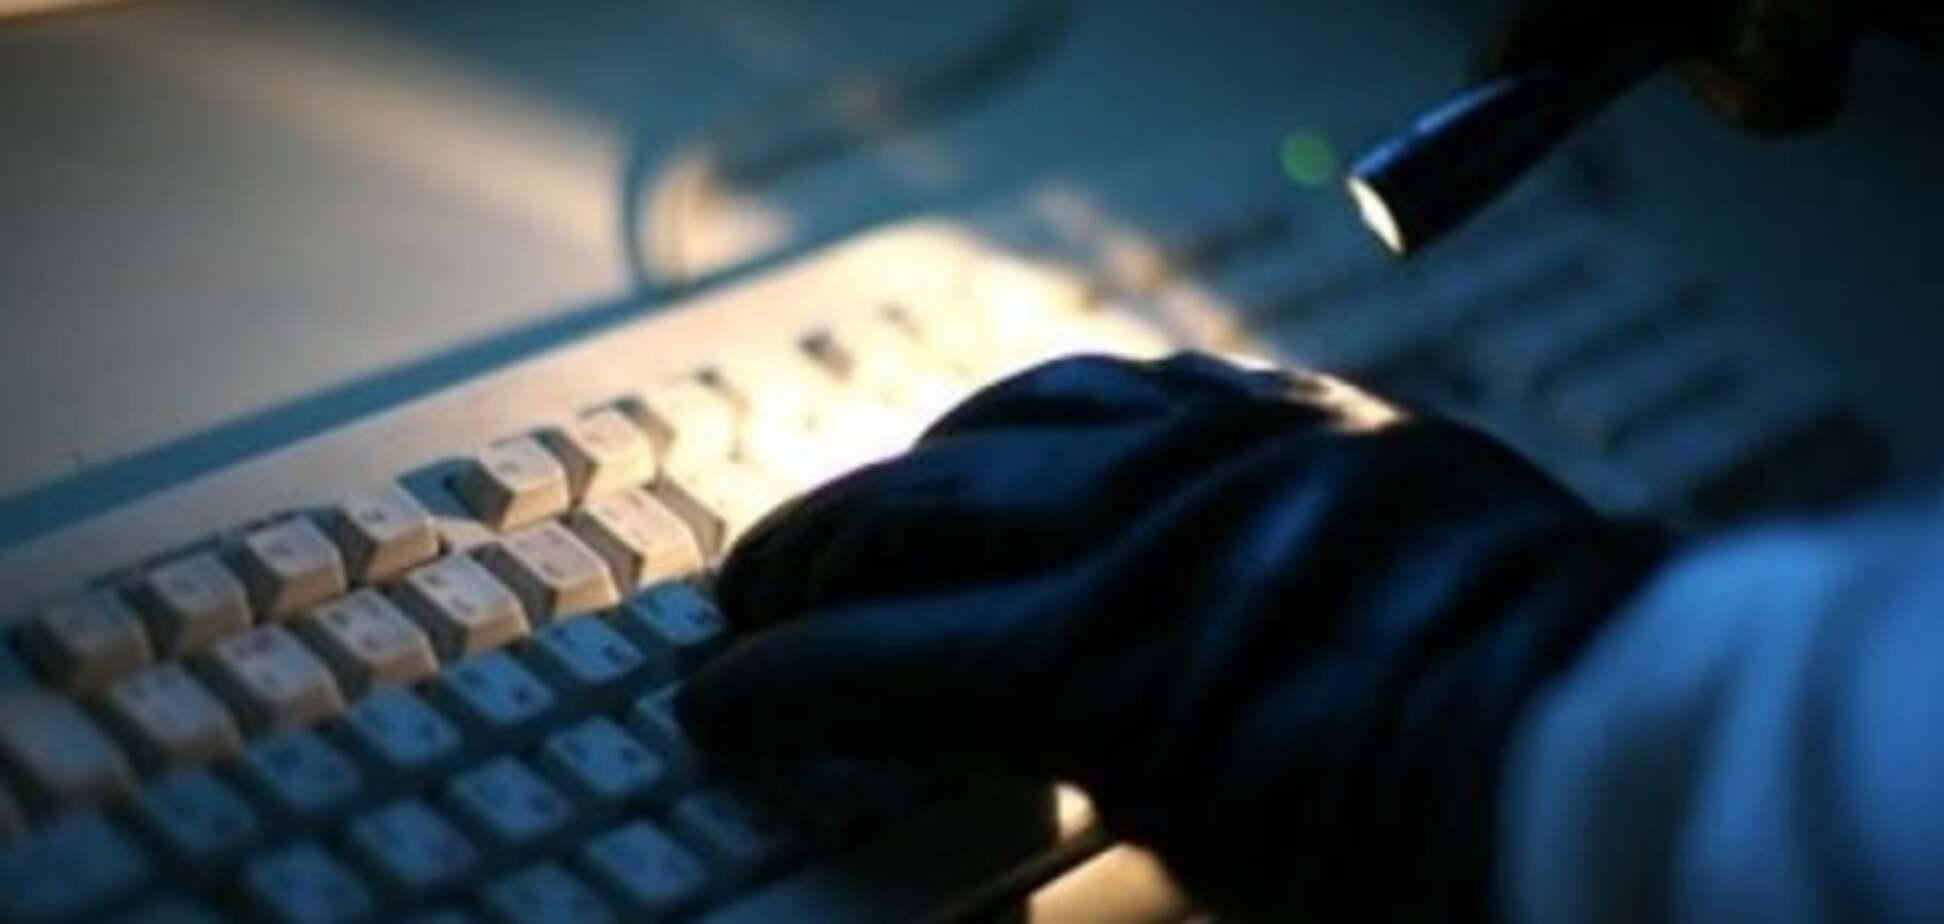 Оператори попередили про нові види шахрайства з банківськими картами